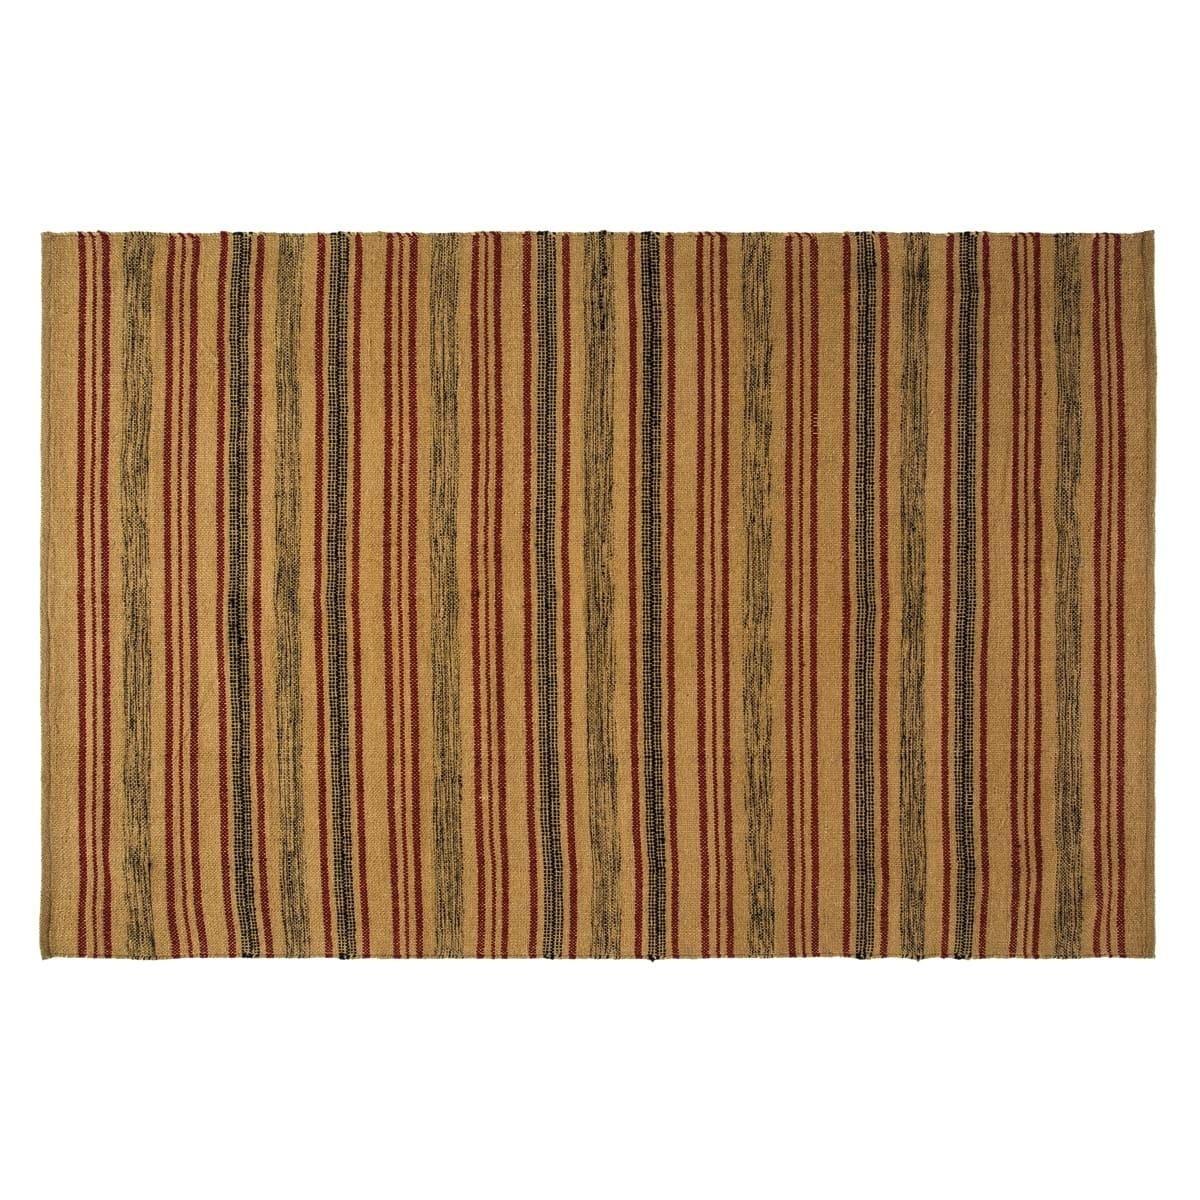 VHC Brands Beacon Hill Rug (4' x 6') - 4' x 6', Black, Si...